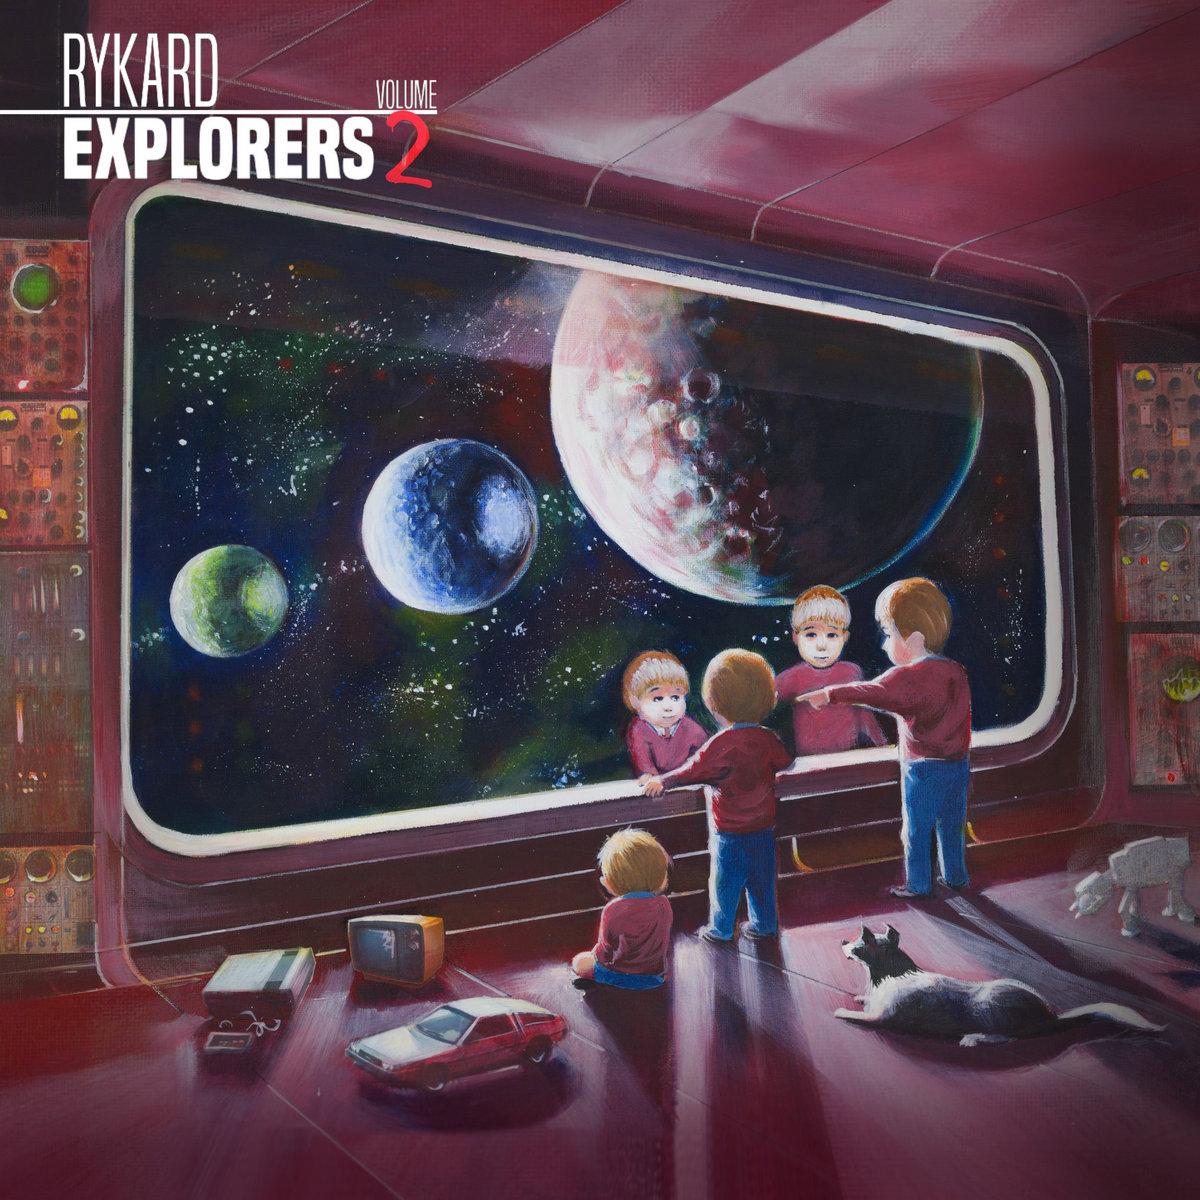 Rykard - Explorers Vol. 2